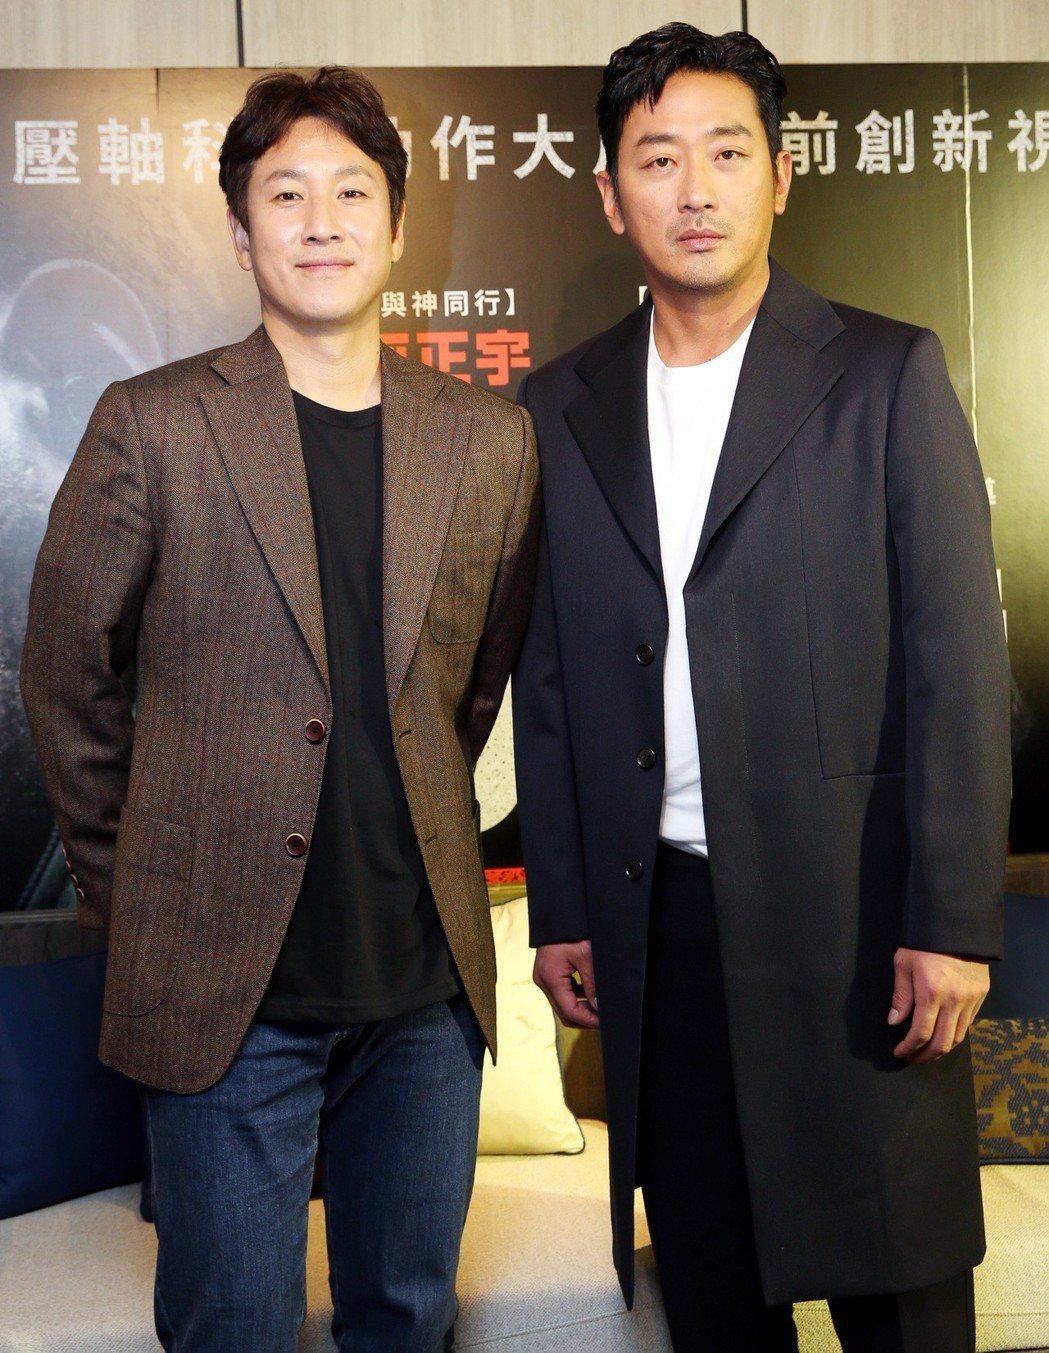 韓星河正宇(右)與李善均(左)抵台宣傳「90分鐘末日倒數」新戲。記者侯永全/攝影